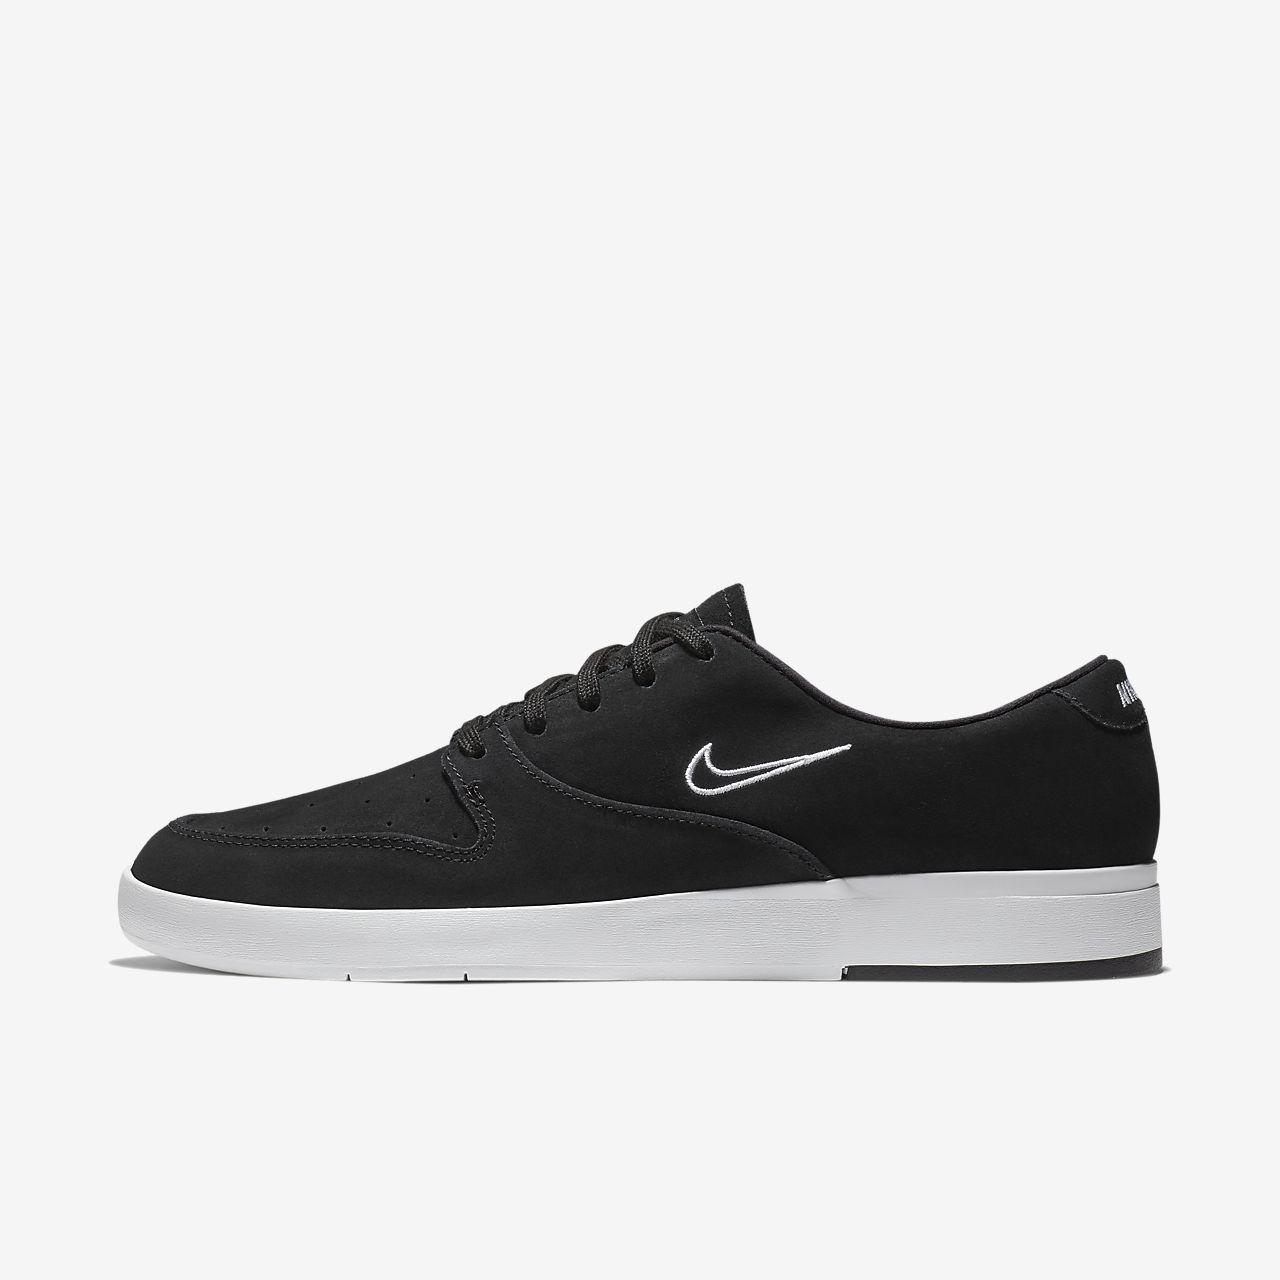 ... Nike SB Zoom Paul Rodriguez Ten Skateschoen voor heren